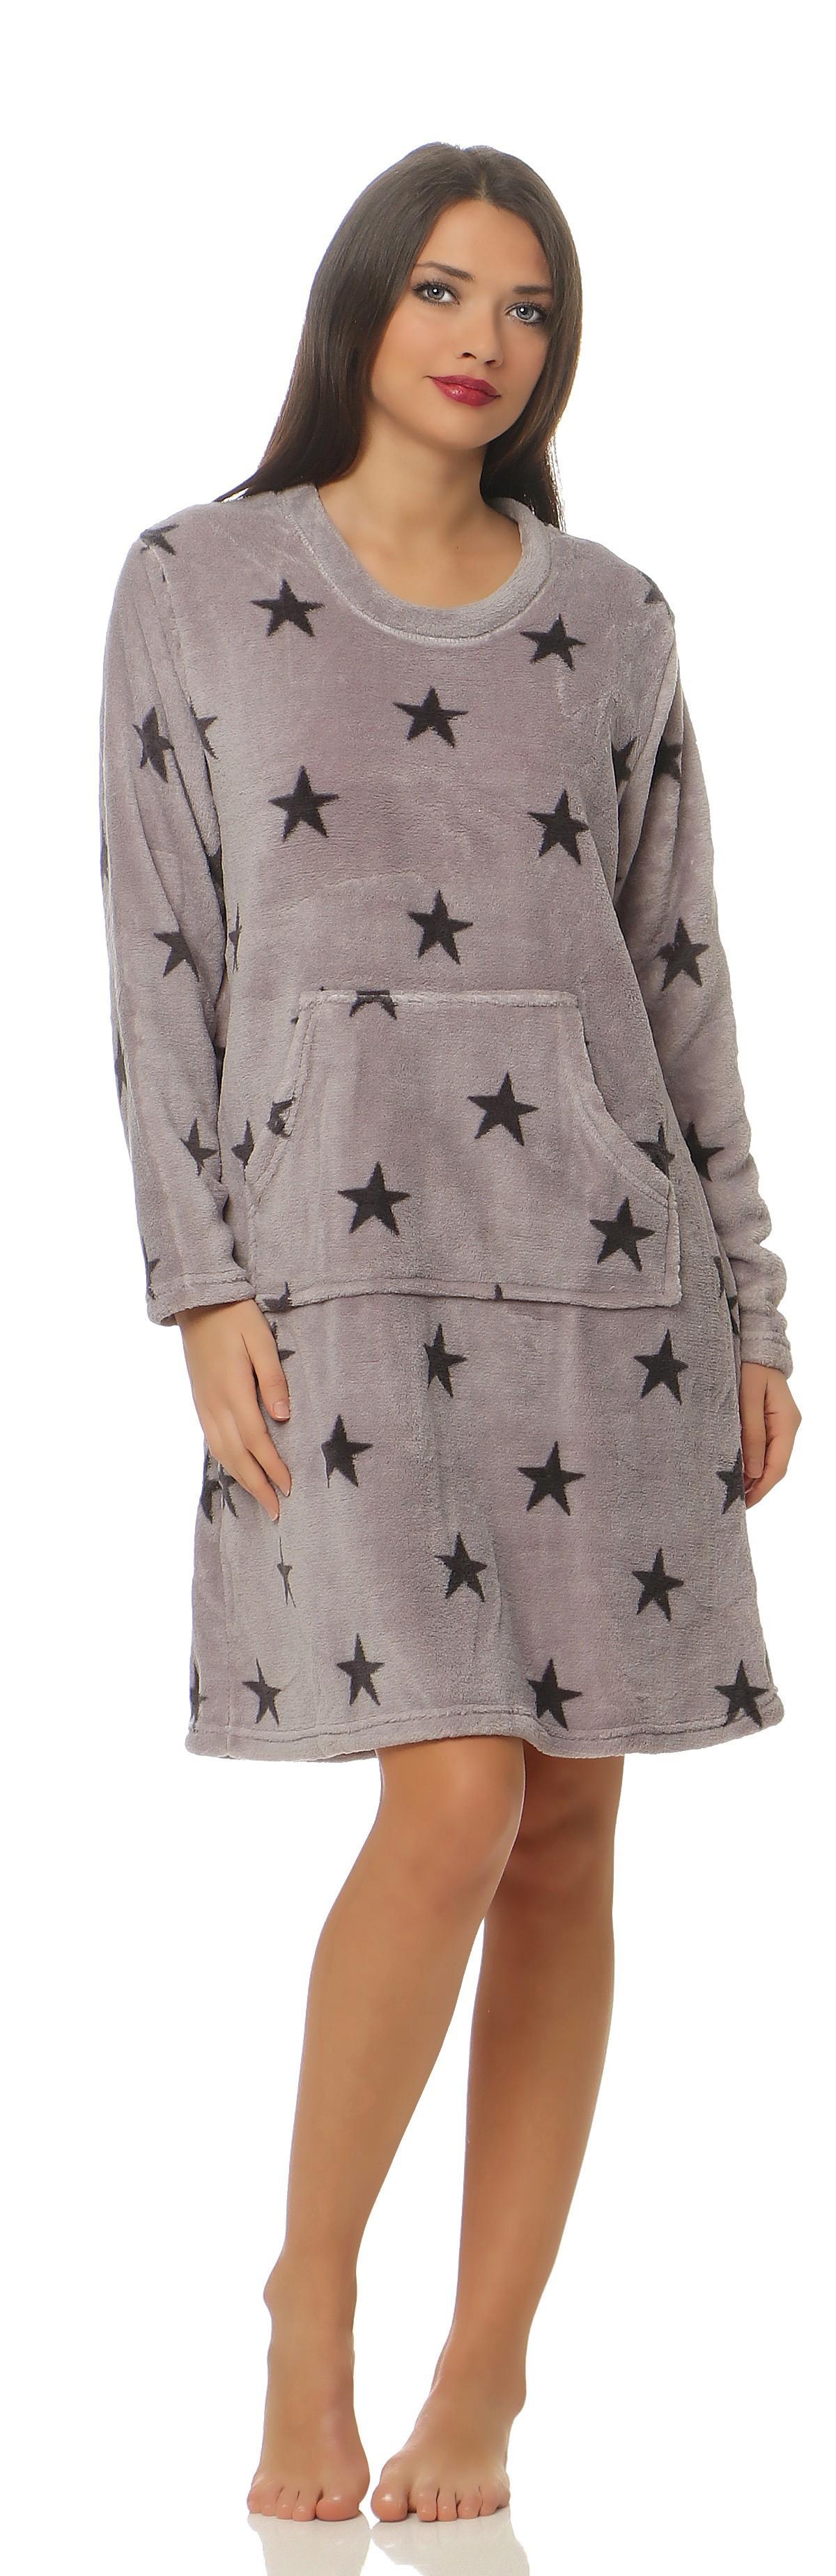 32cfc83316 Corall-Fleece Nachthemd langarm im Sternen Design kuschelig und warm - 59702